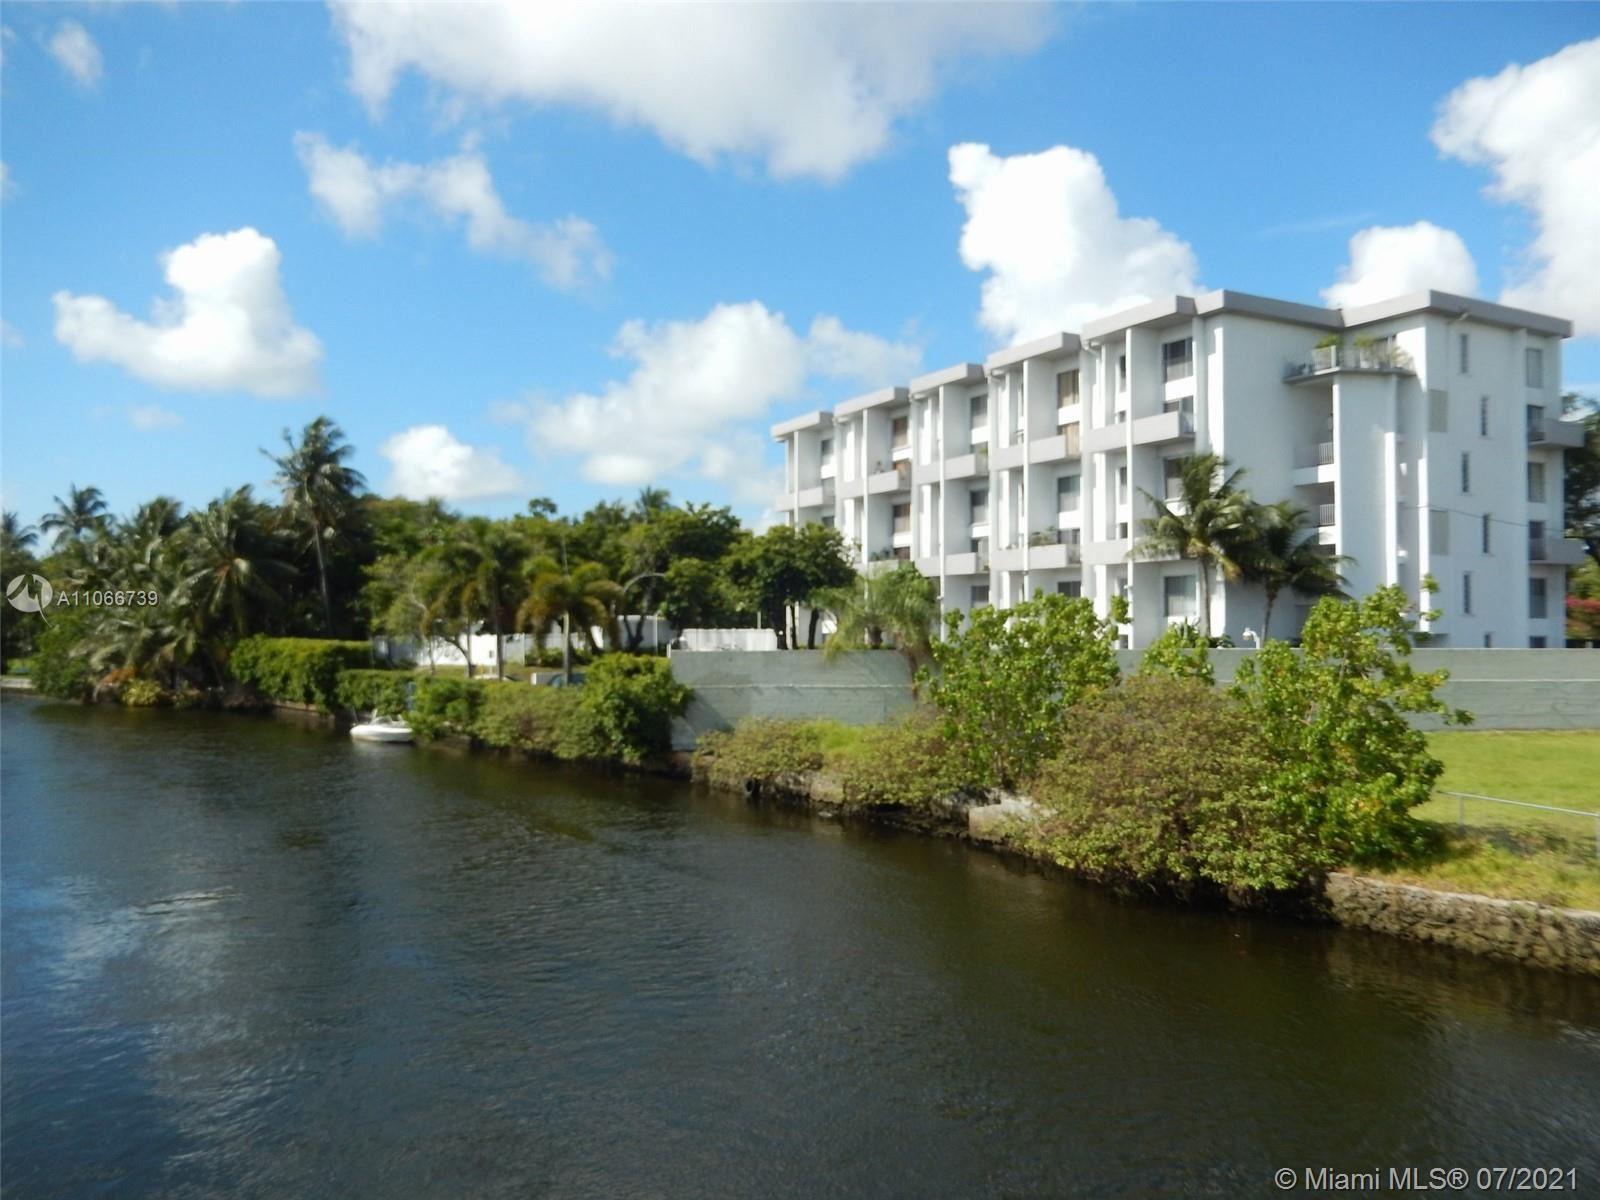 7801 NE 4th Ct #512, Miami, FL 33138 - #: A11066739